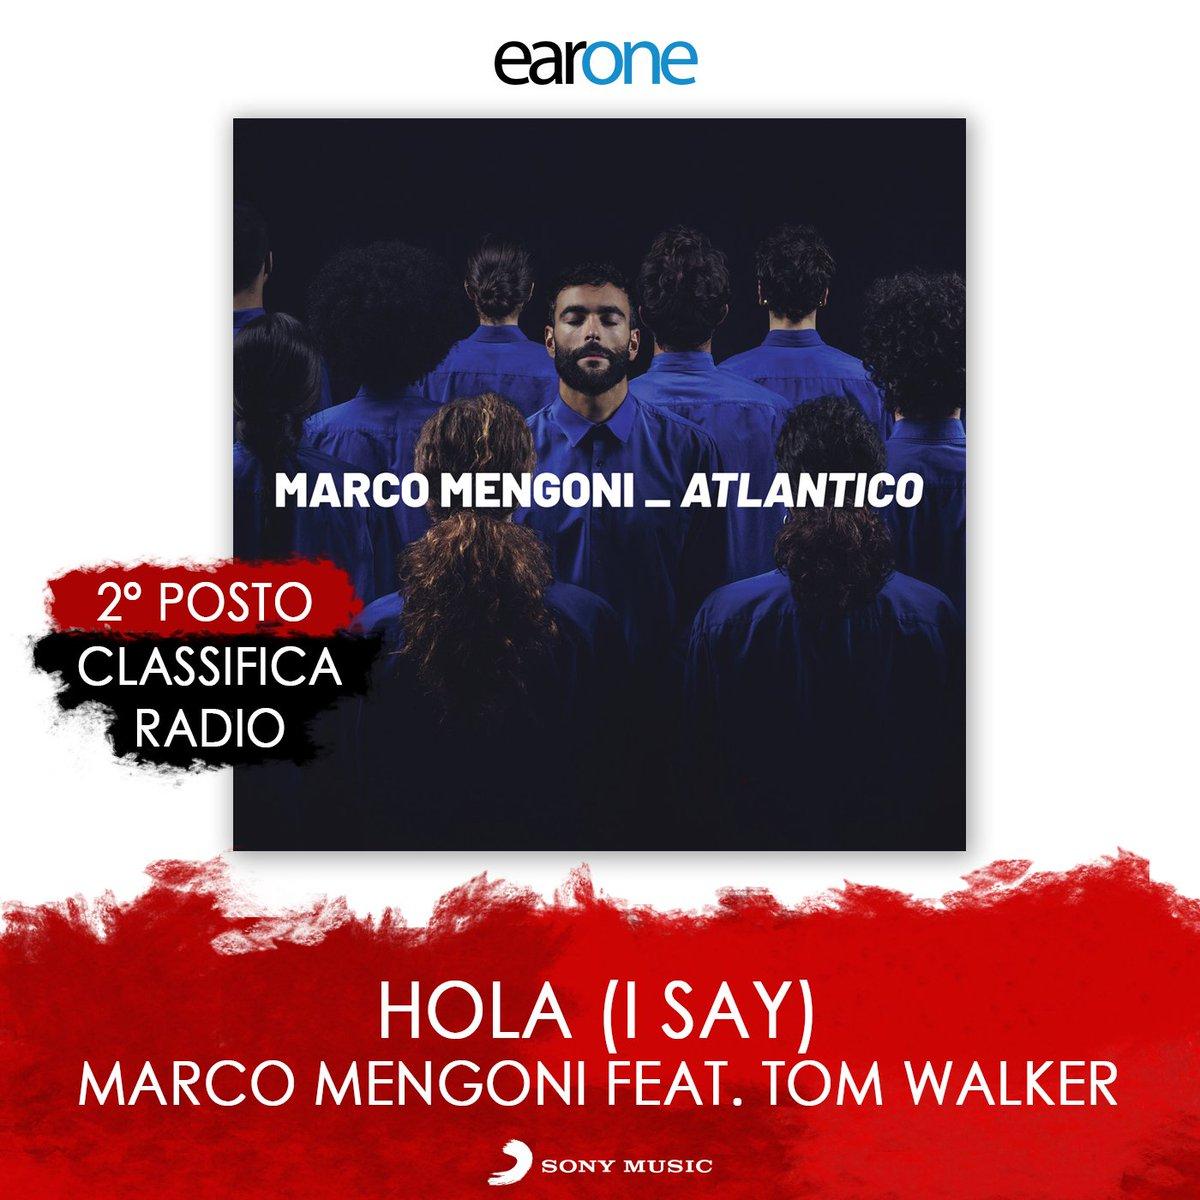 #Hola (I SAY) è al secondo posto tra i brani più passati dalle radio 🌊📻 Complimenti 👏 @mengonimarco @IamTomWalker